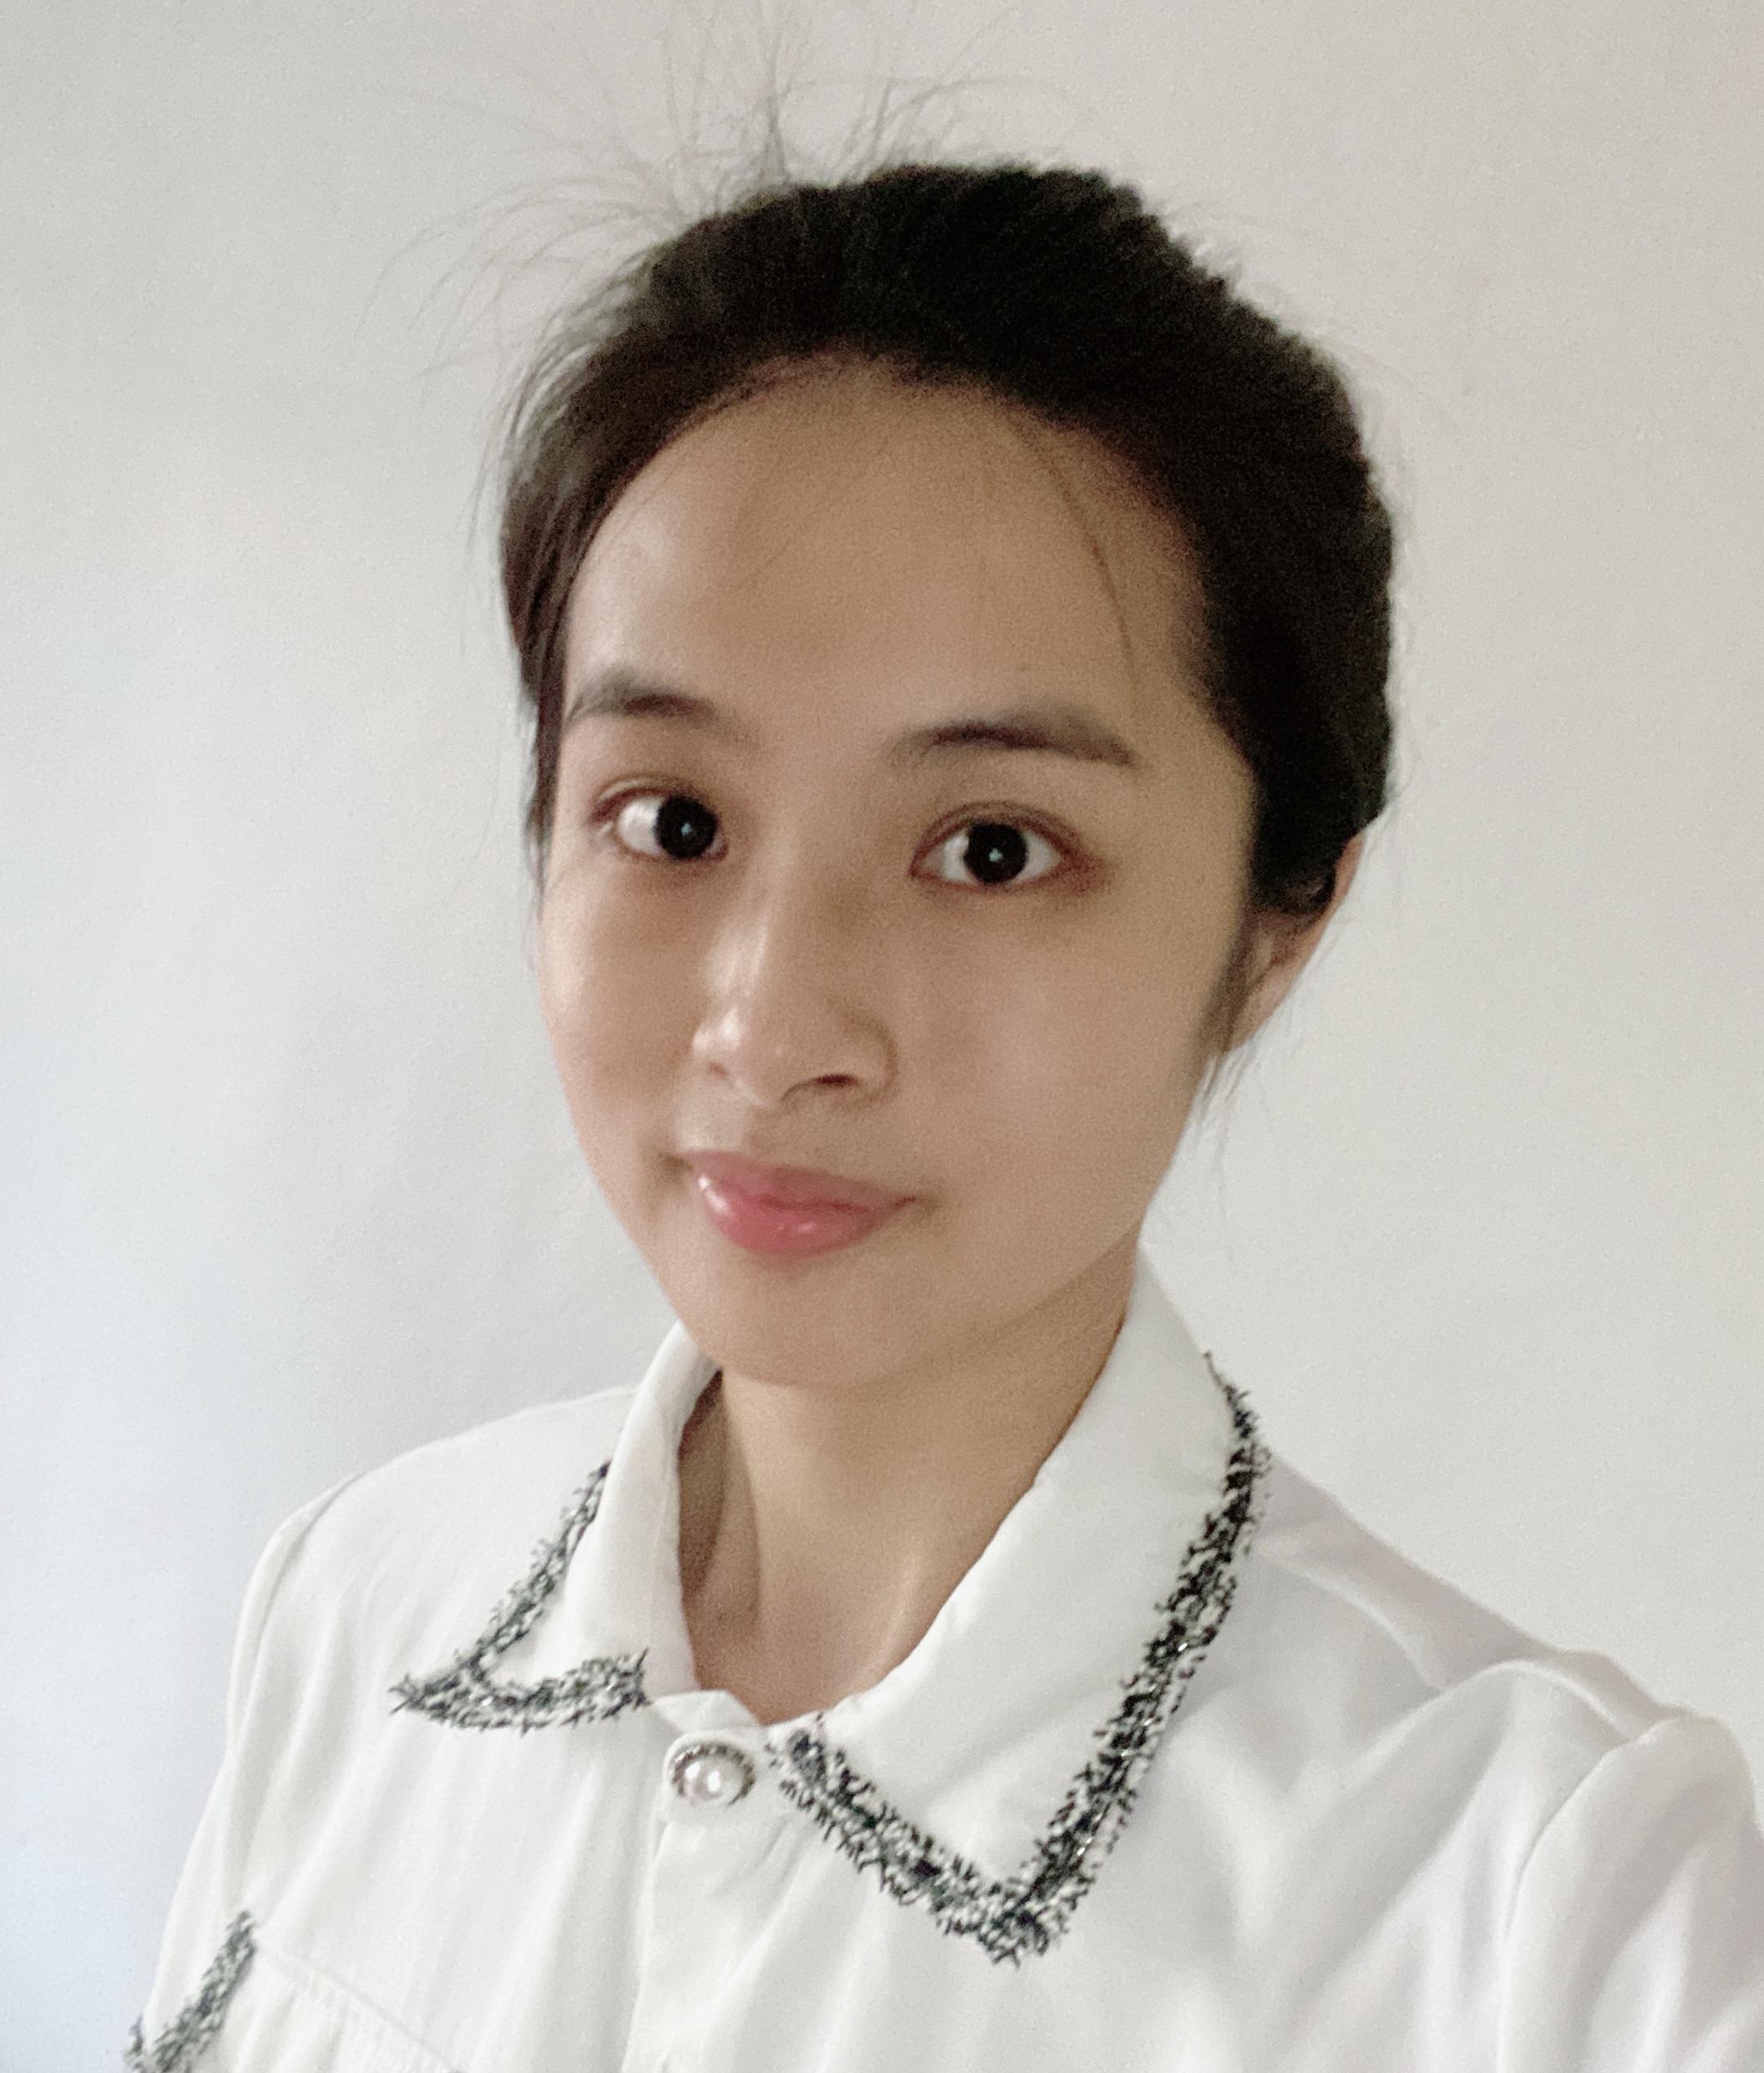 上海家教宋老师